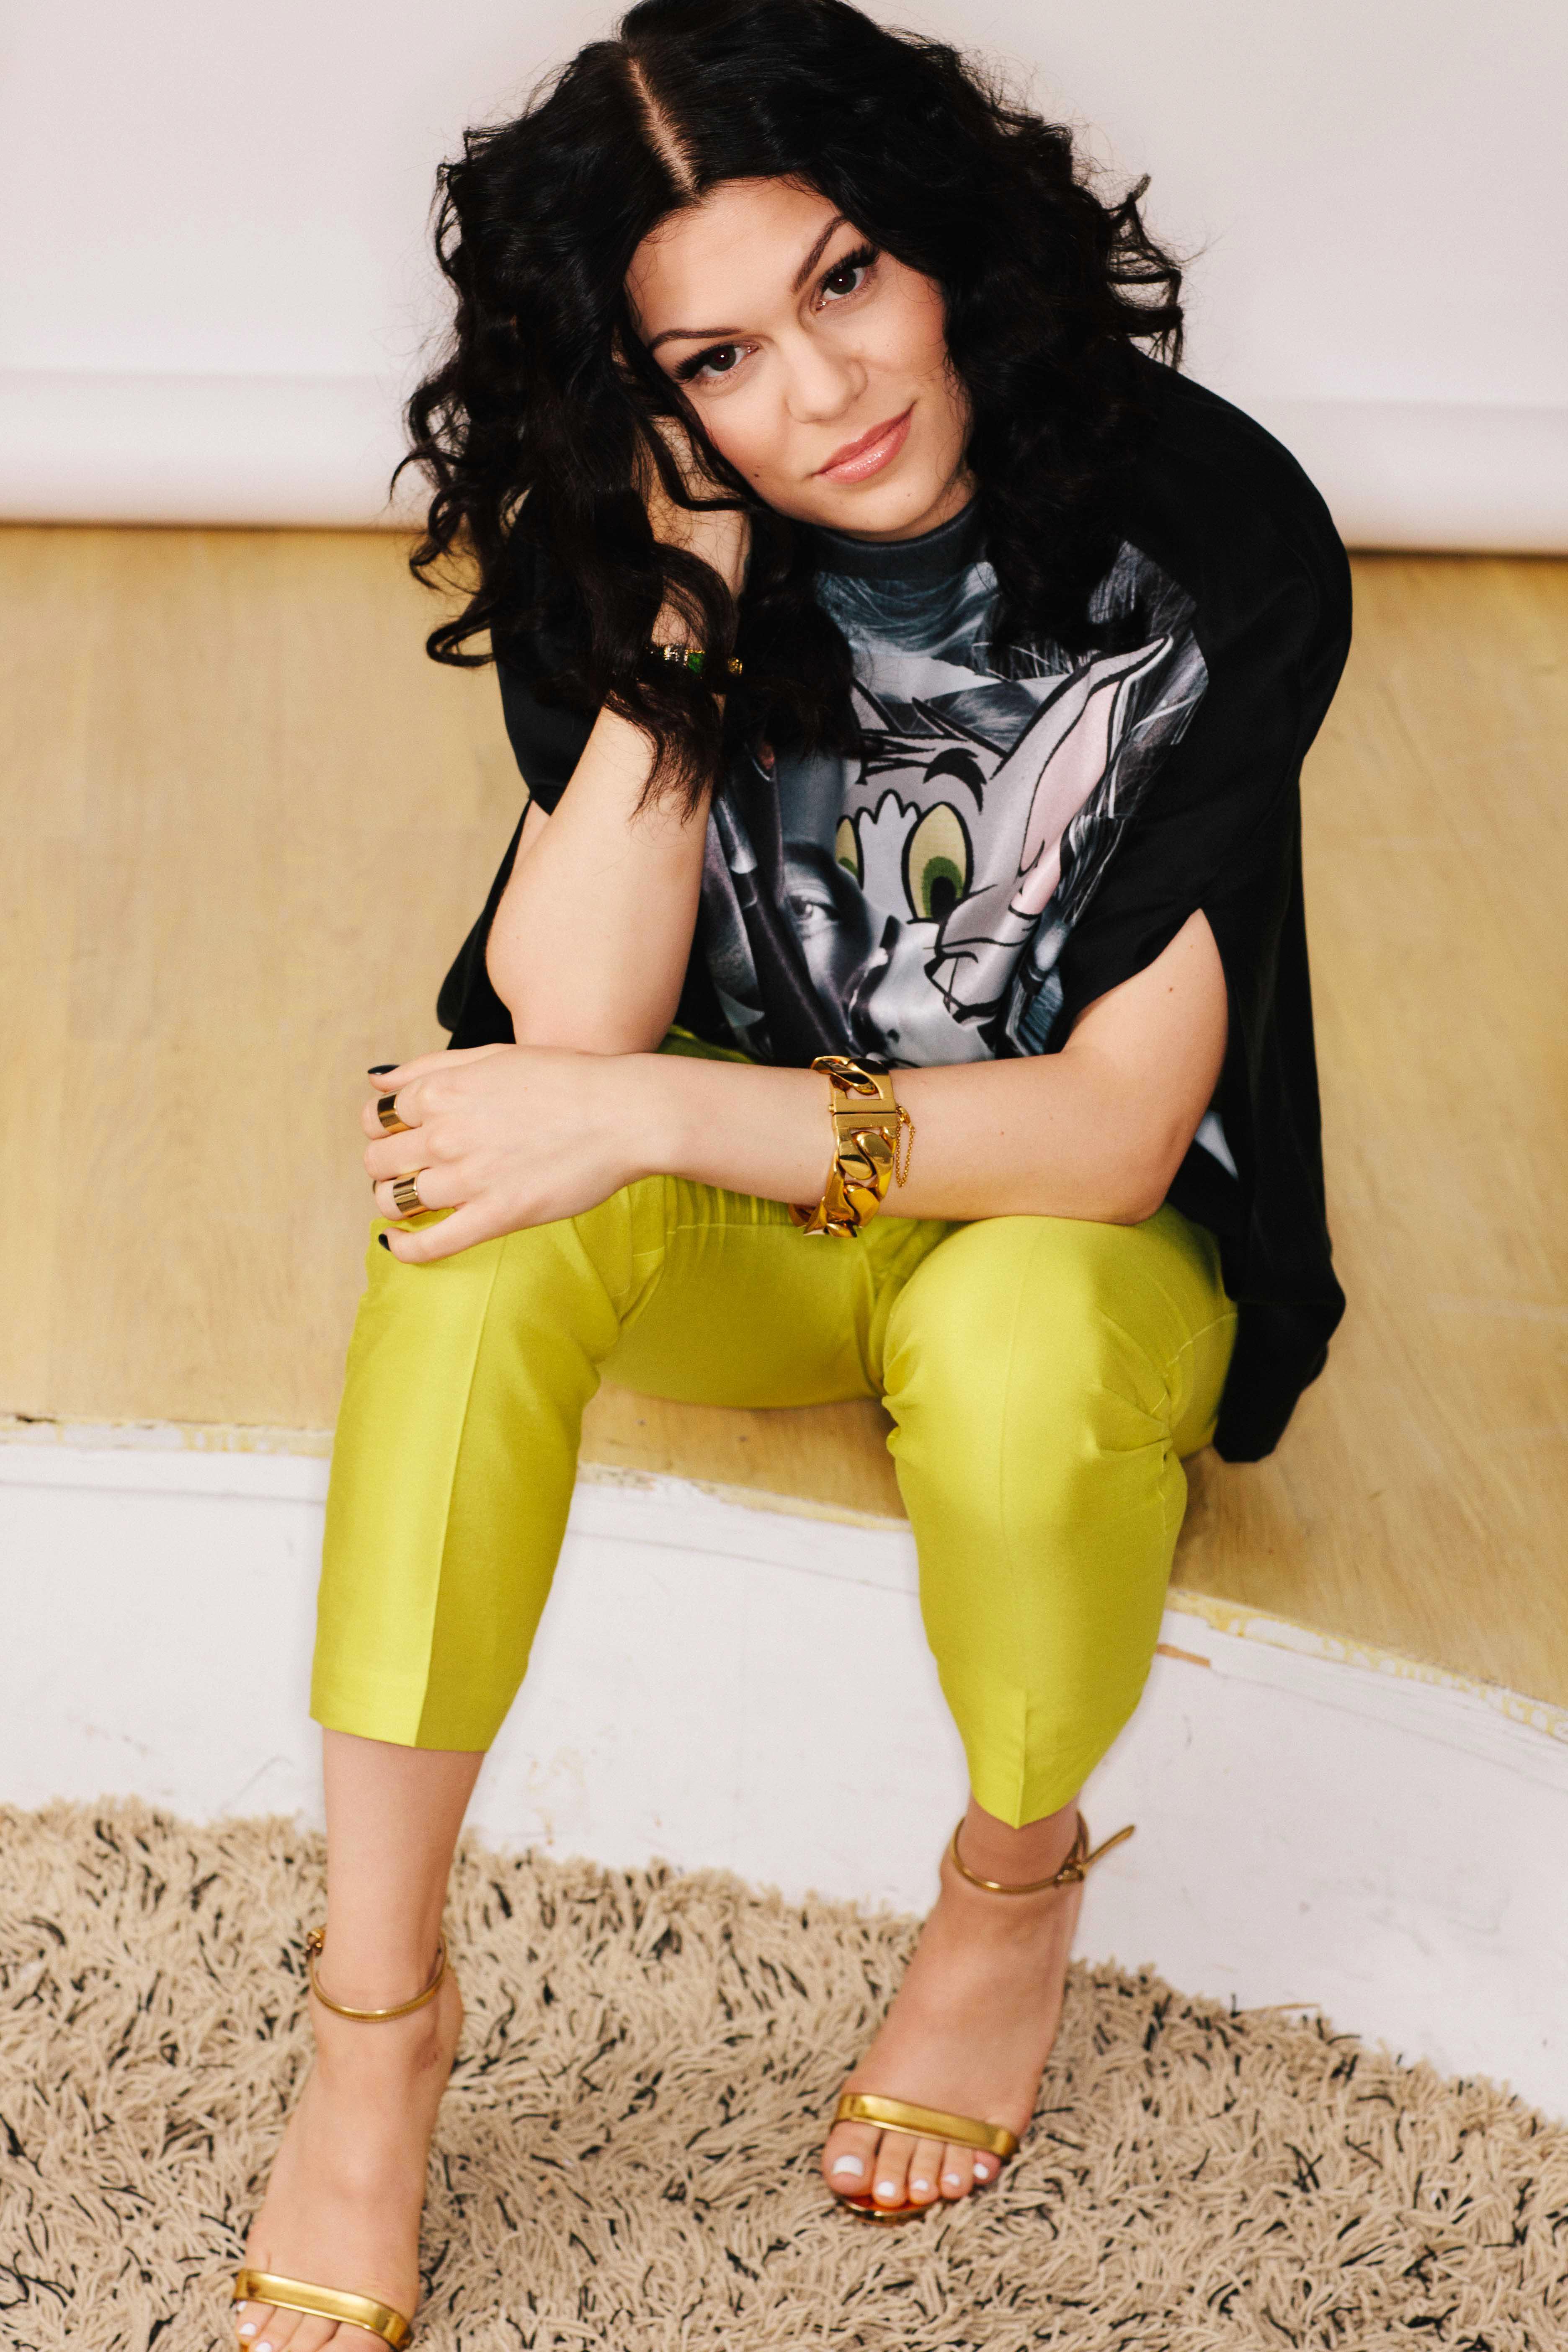 Jessie J Фото ღ jessie j - jessie j фото (37808444) - fanpop